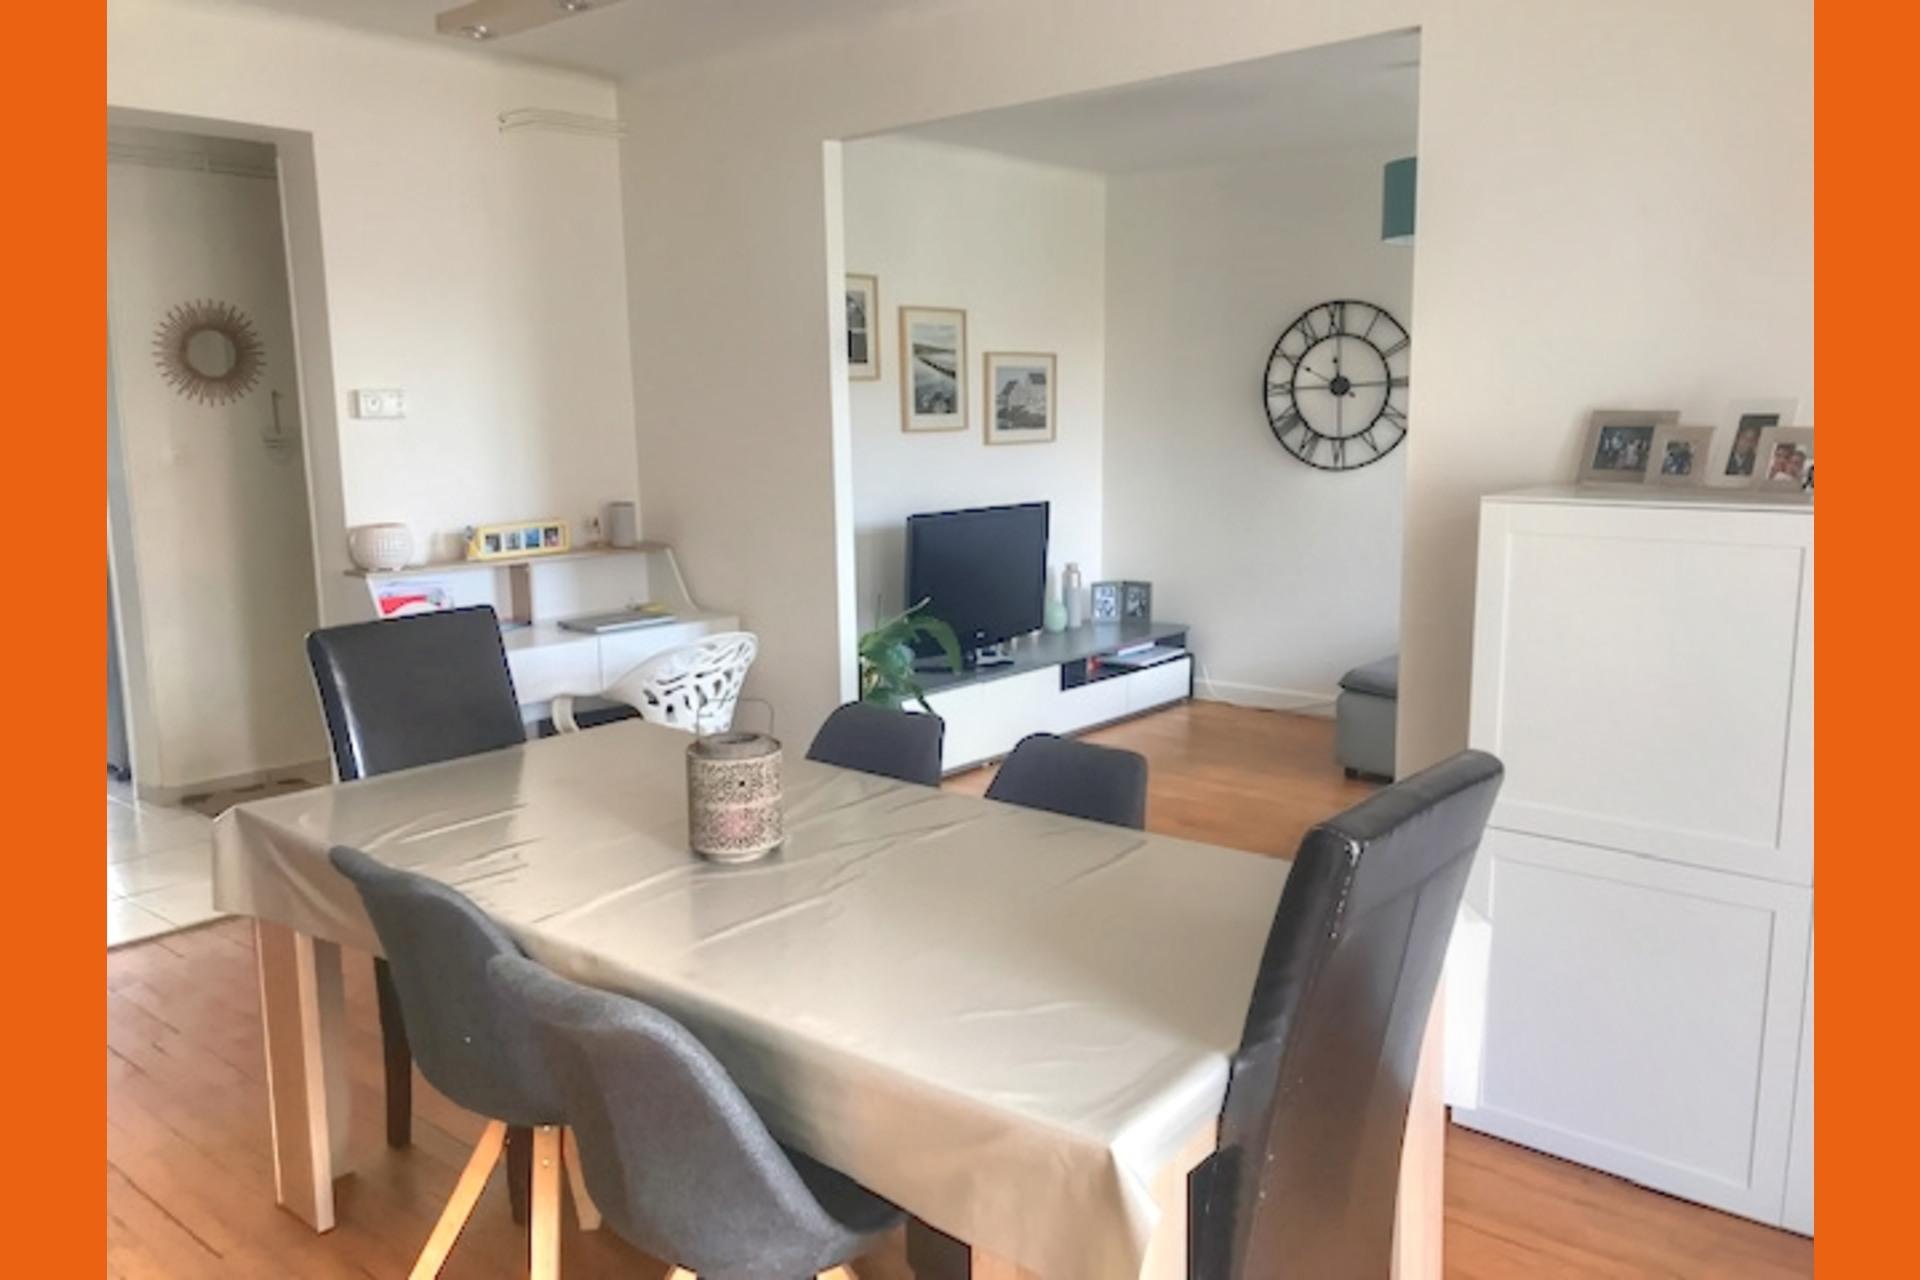 image 2 - Appartement À louer Montigny-lès-Metz - 4 pièces